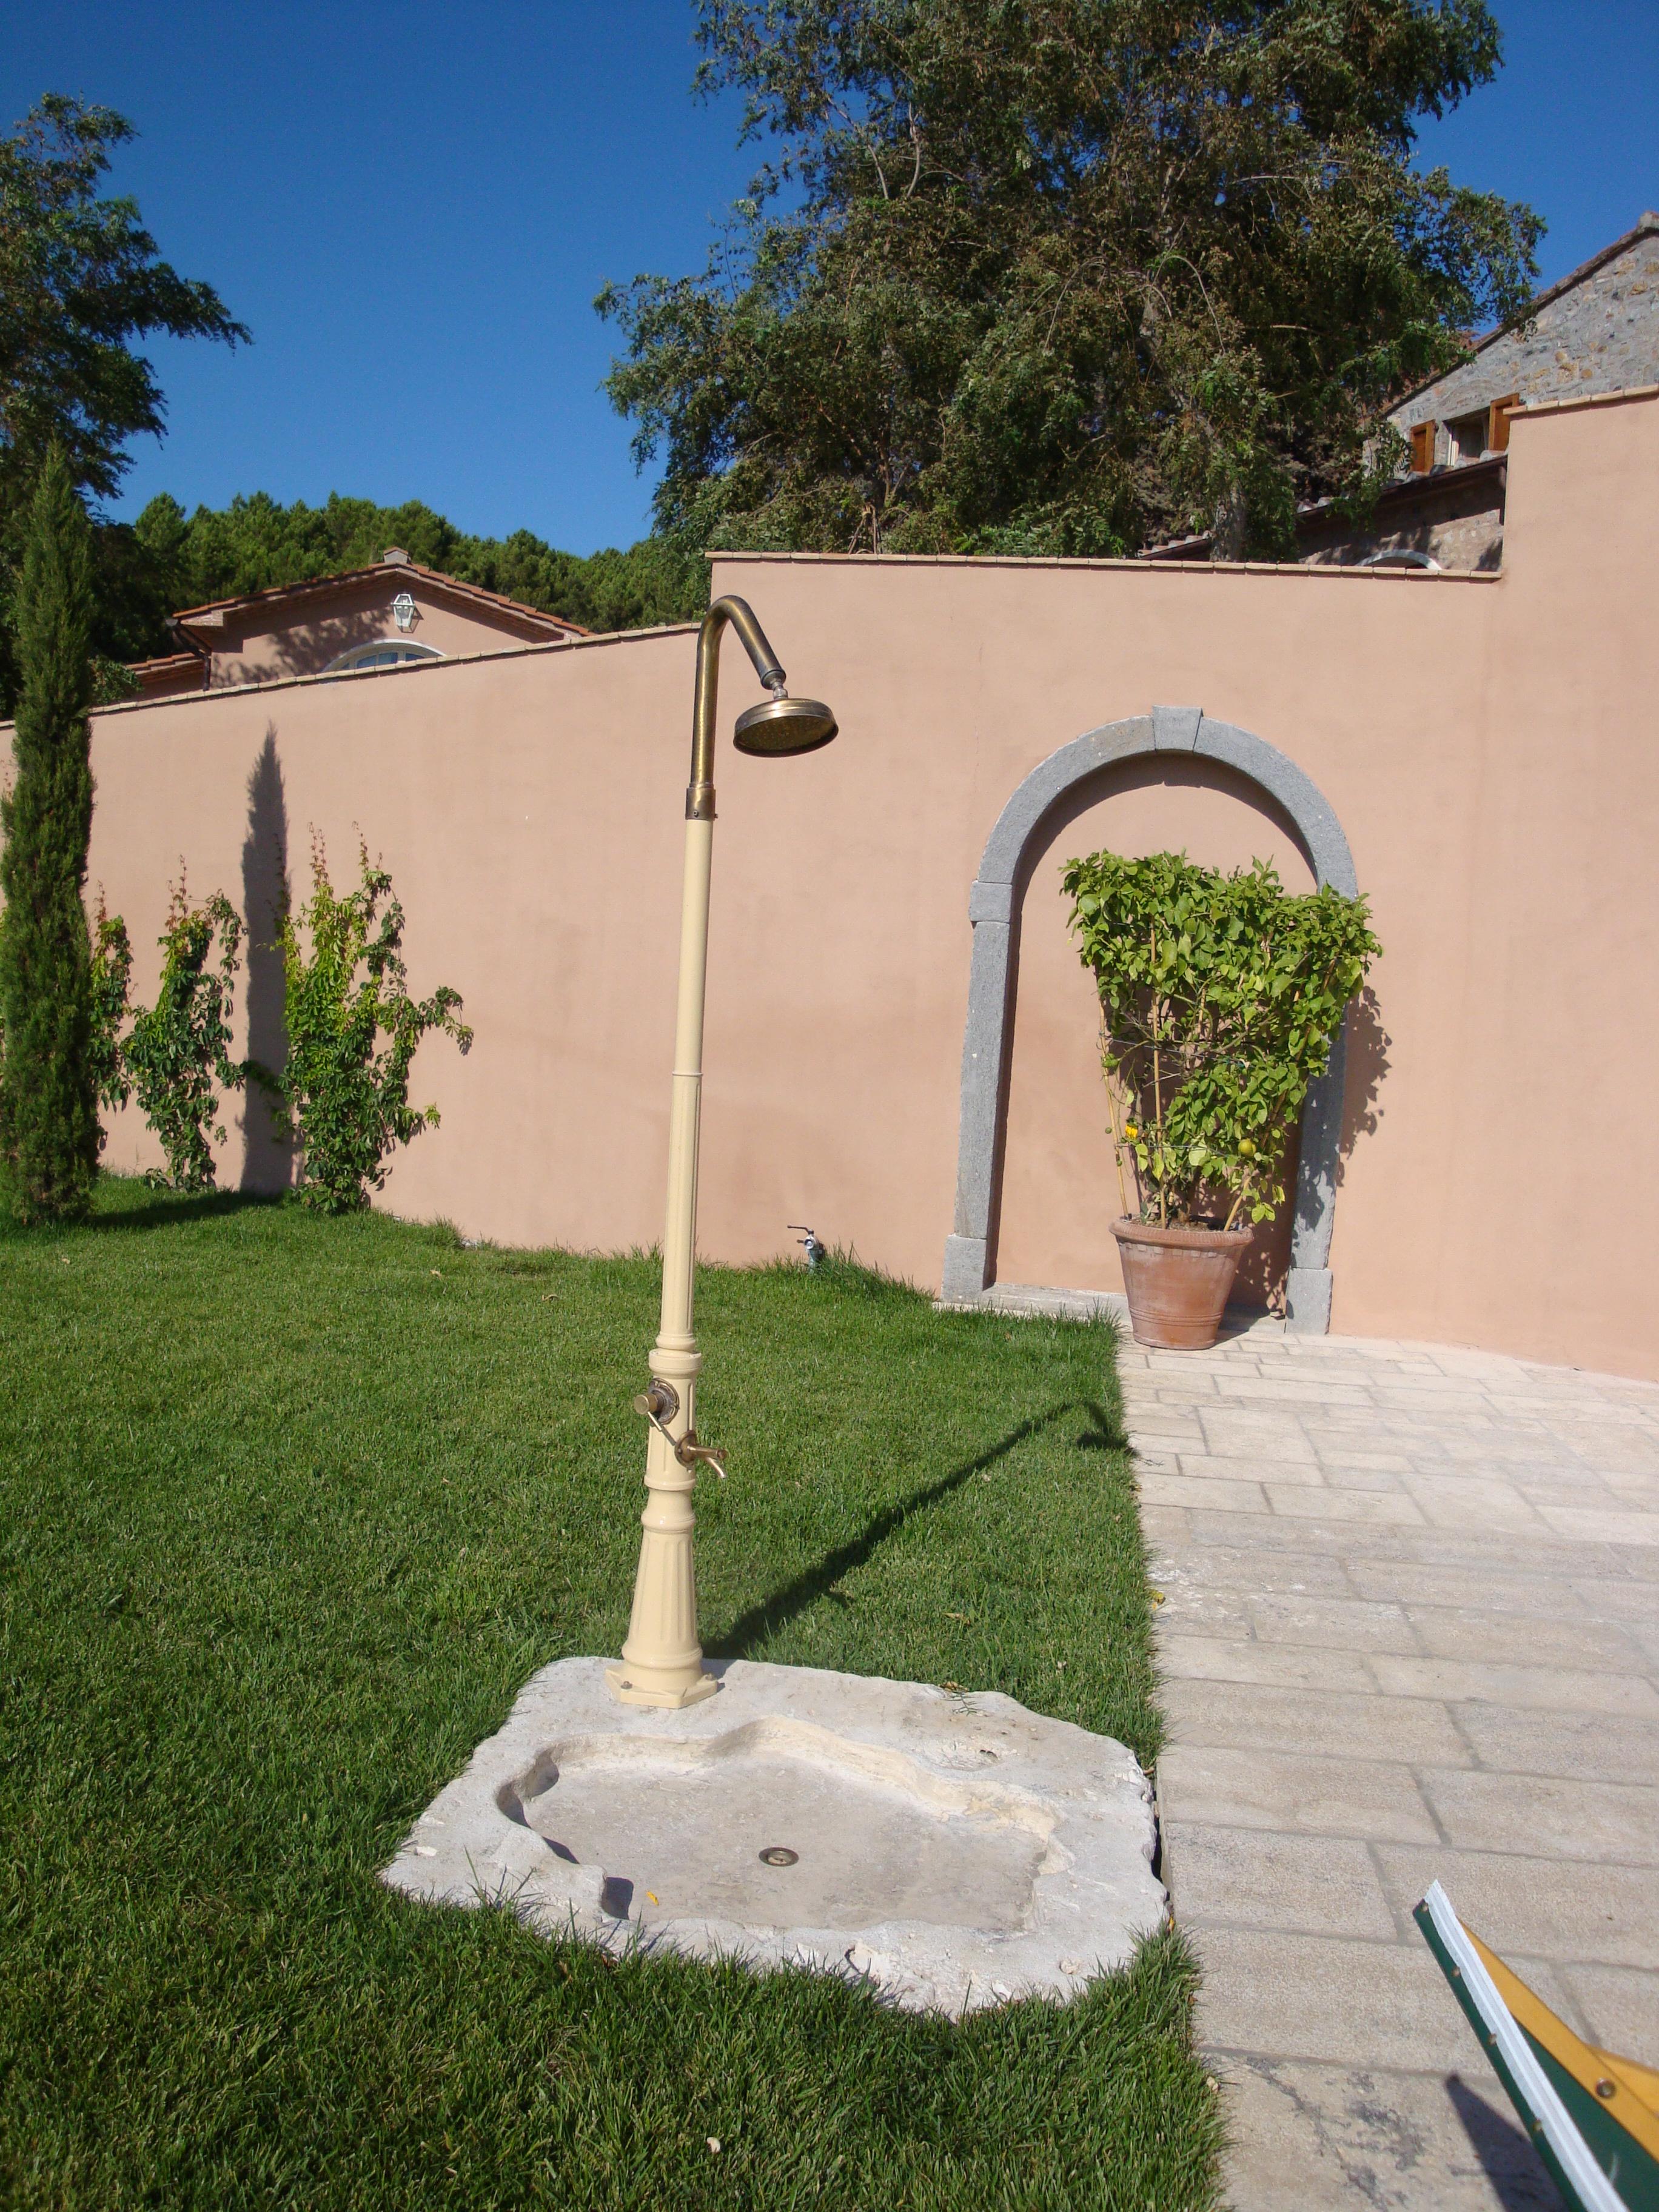 August and the afternoon garden house lazzerini - Doccia da giardino con serbatoio ...